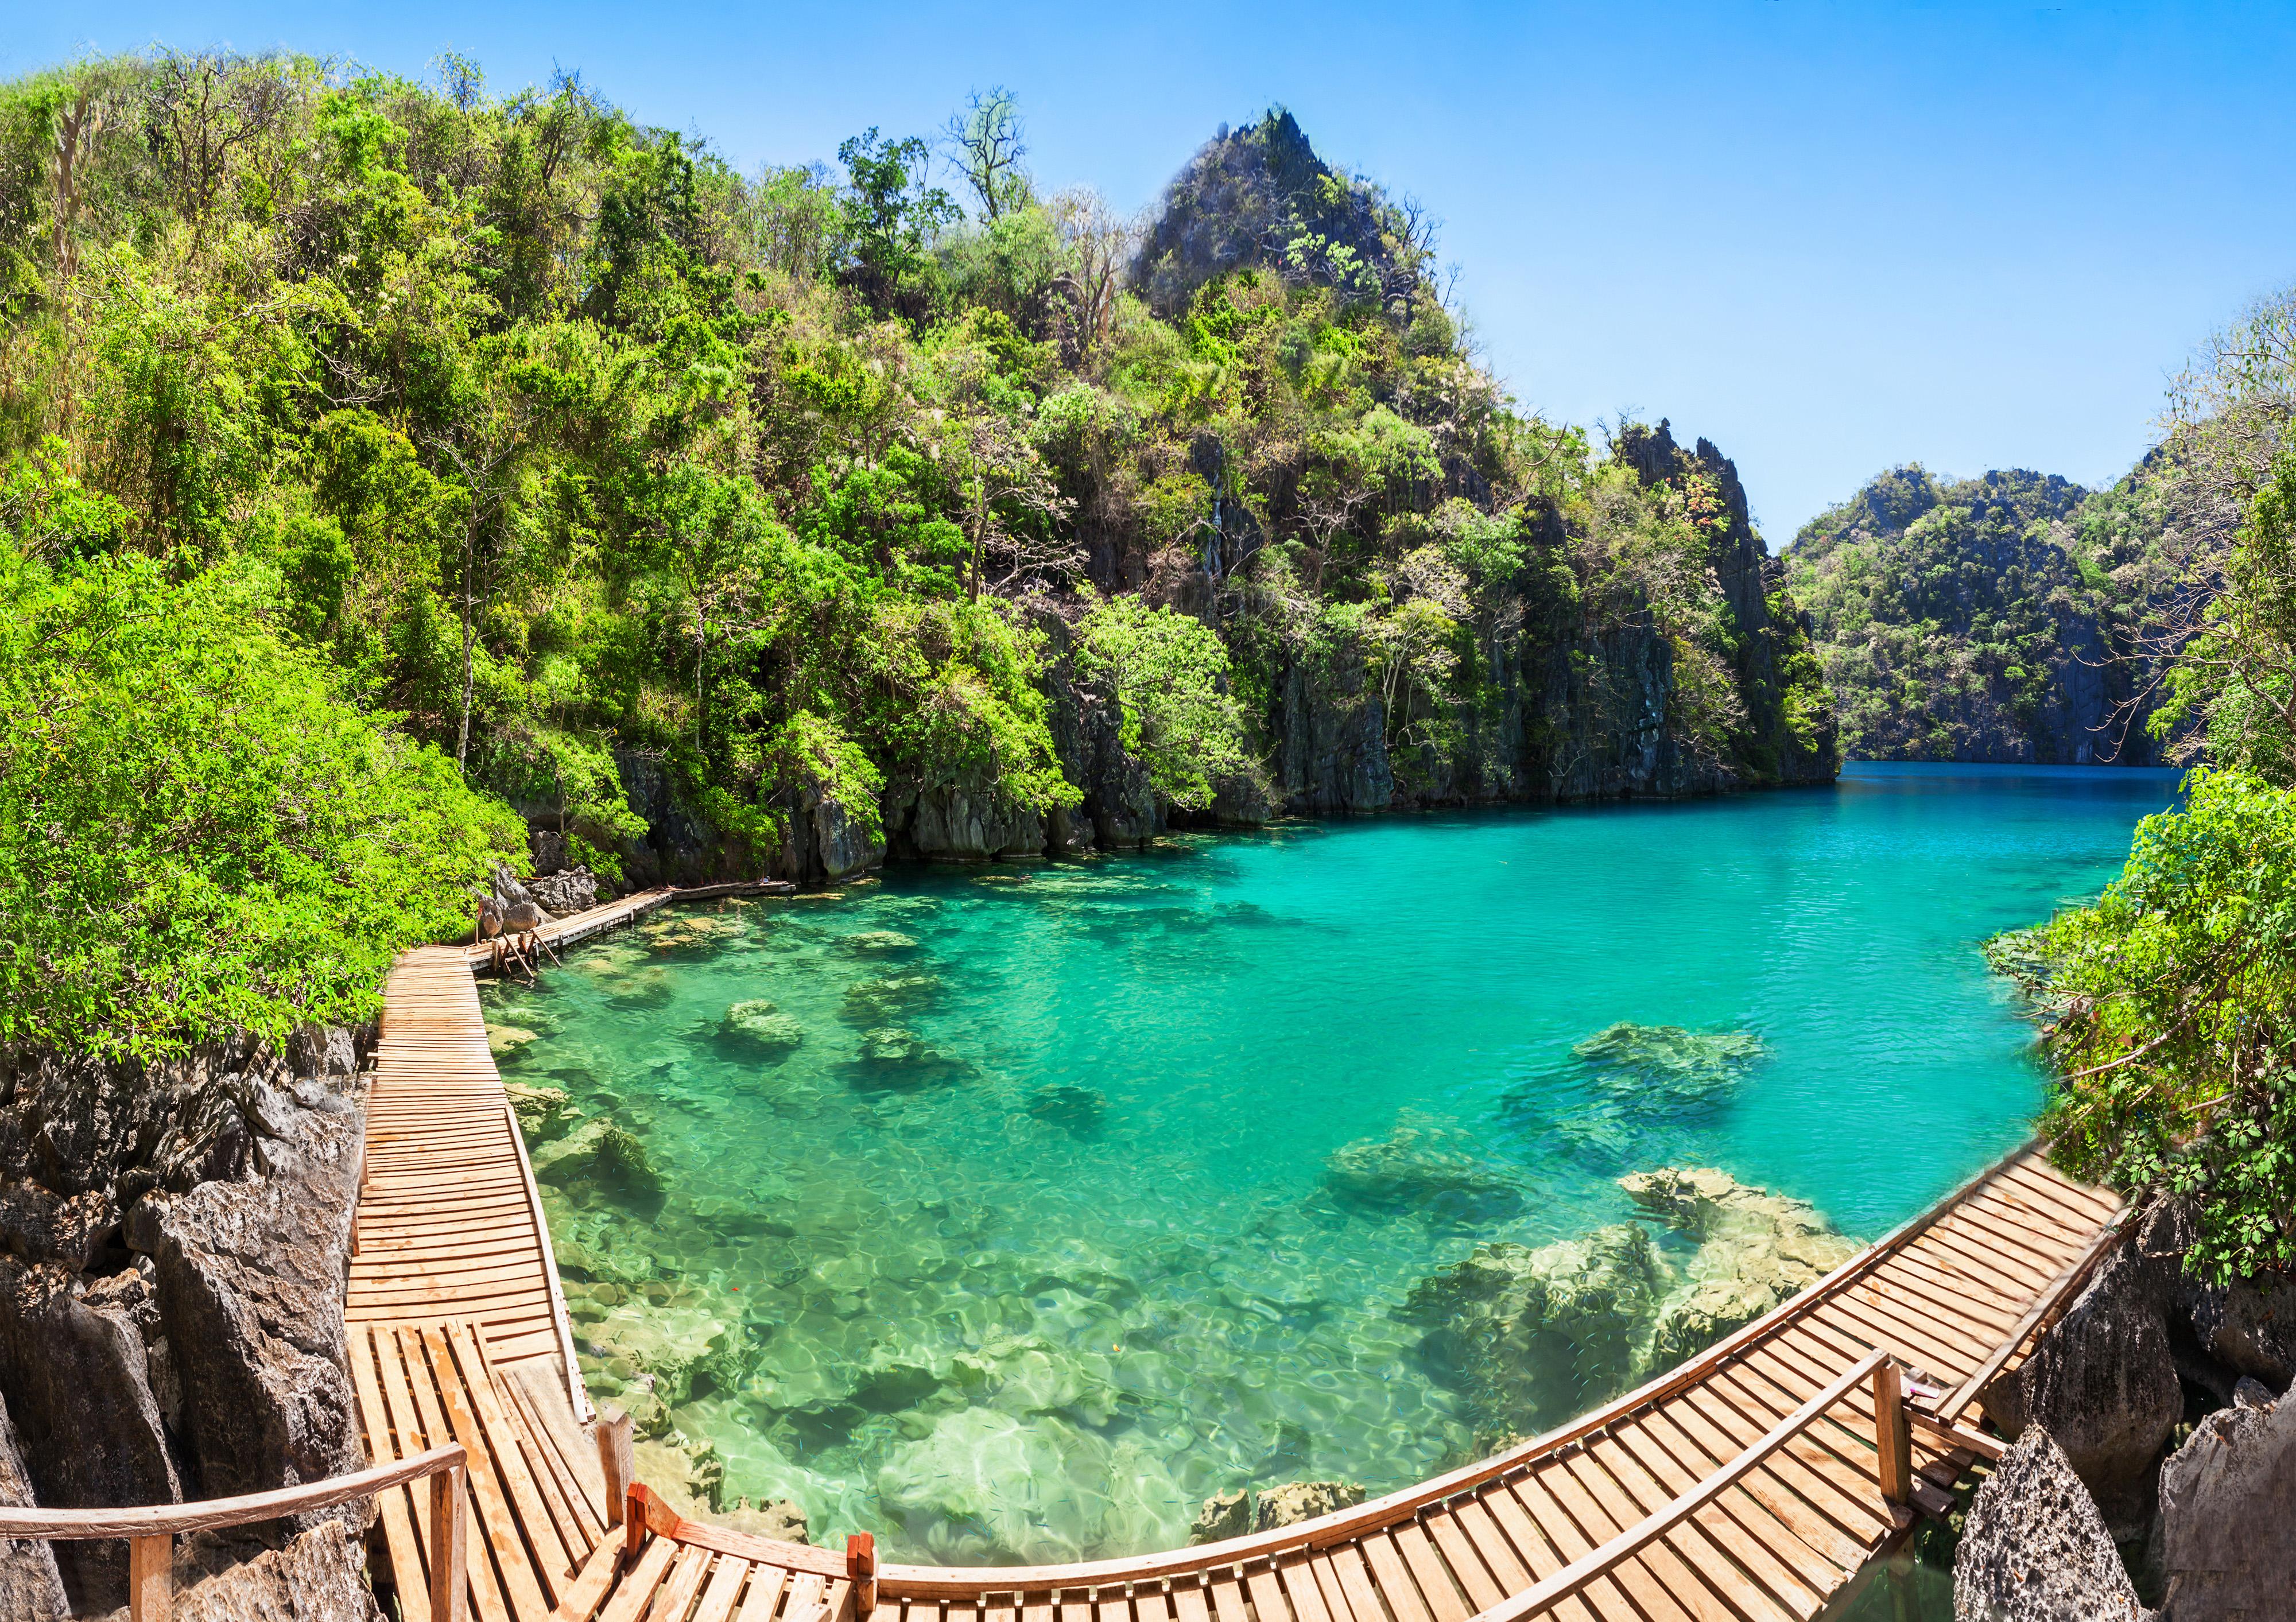 Coron Lake, Palawan